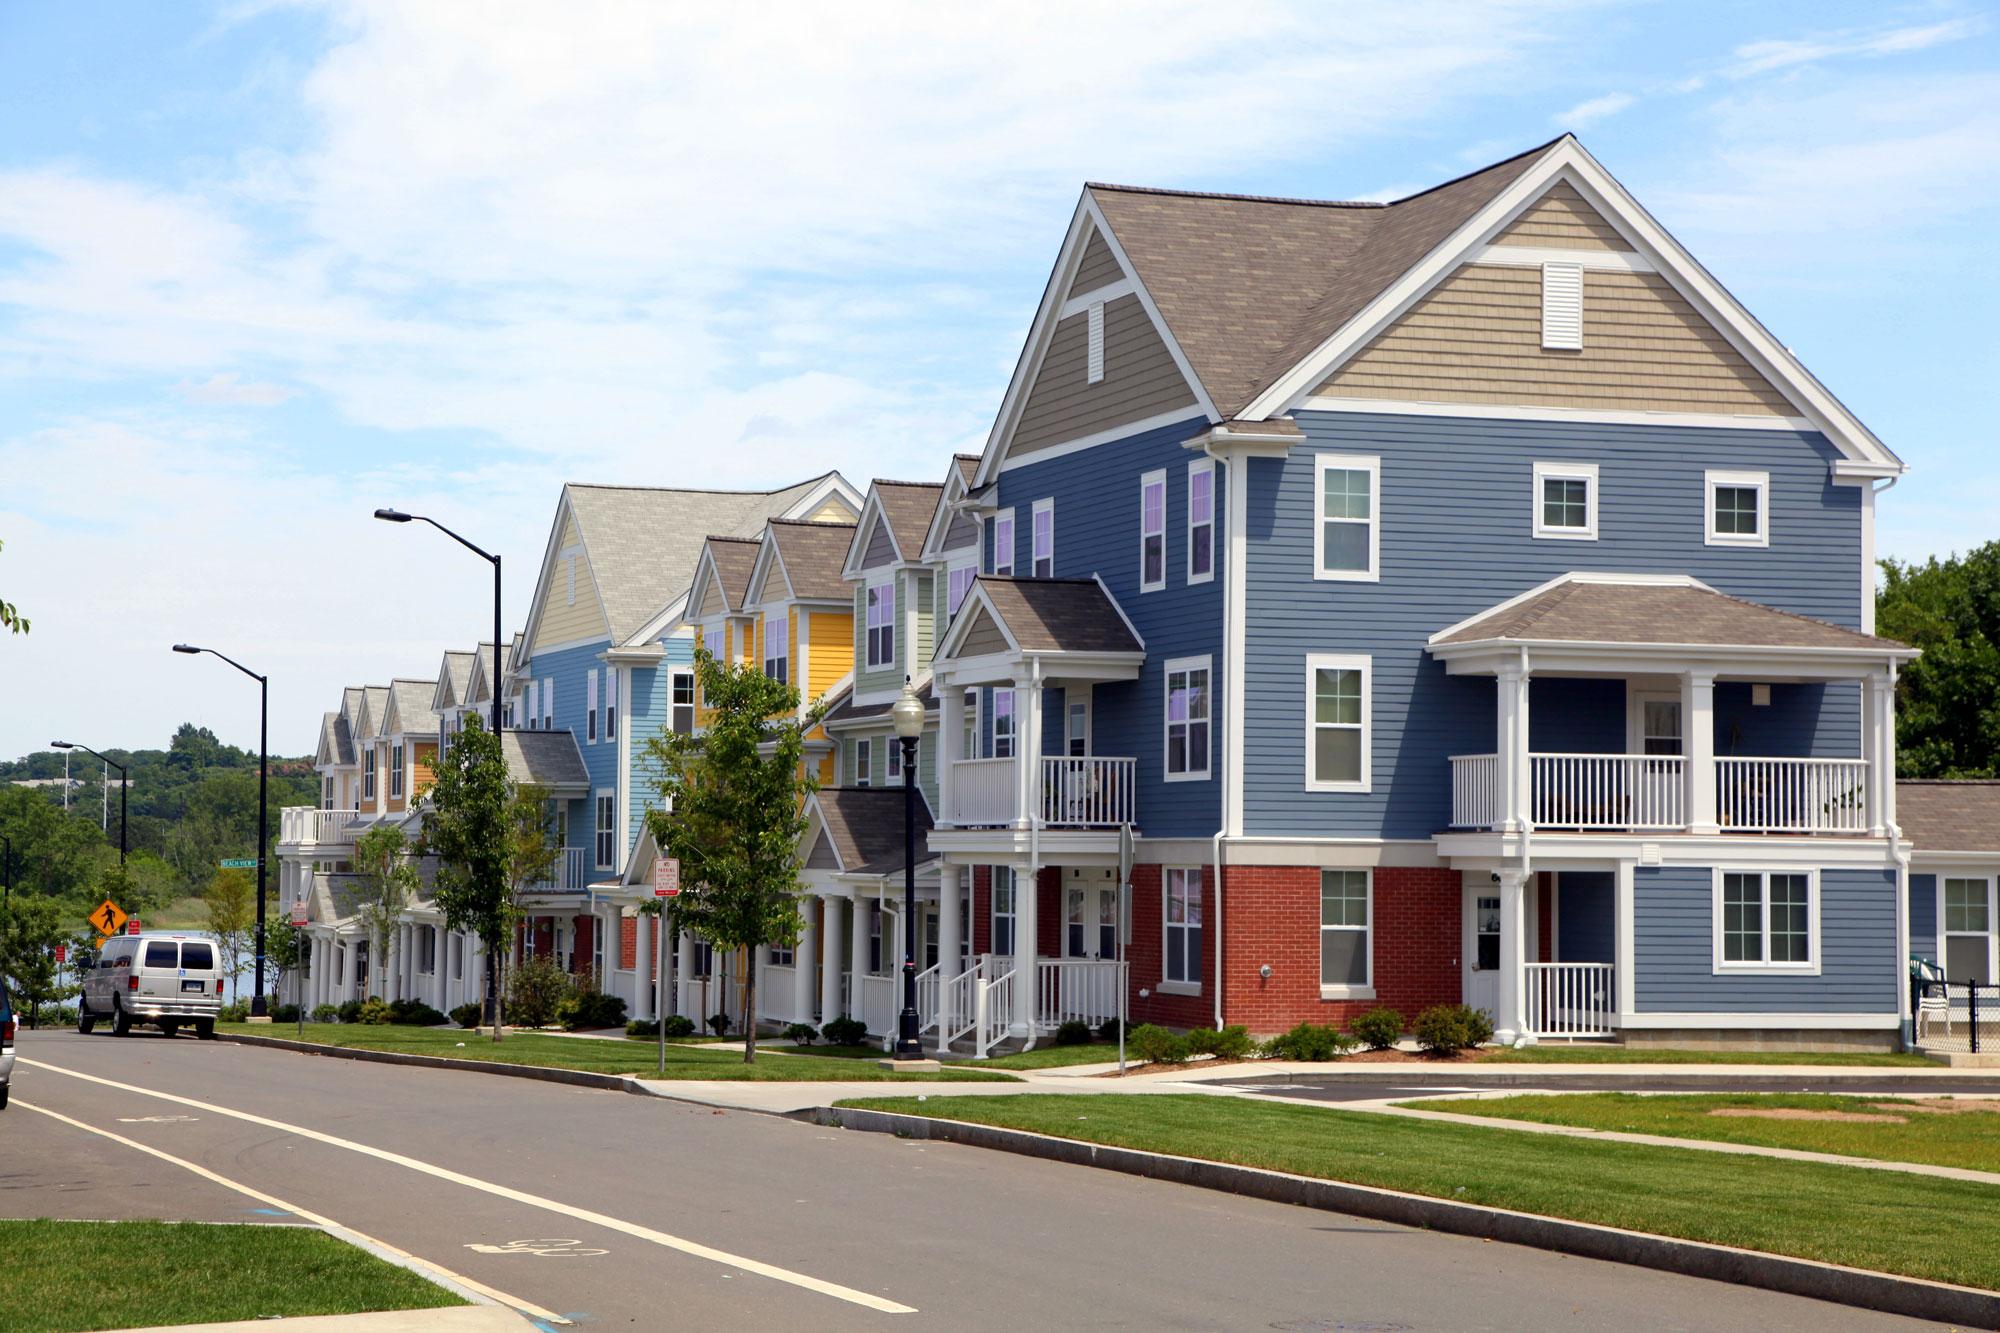 Quinnipiac Terrace Apartments - Affordable Community